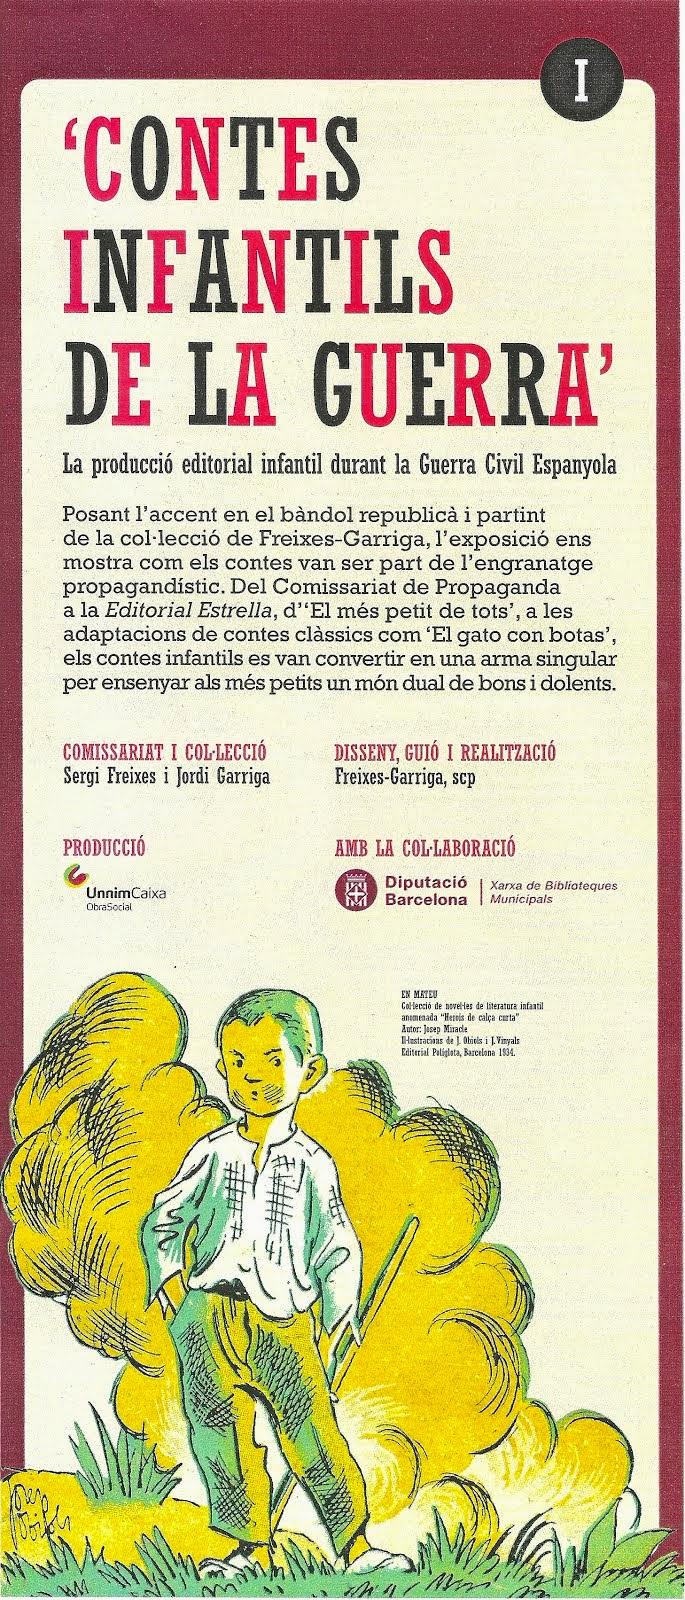 EXPOSICIÓ CONTES INFANTILS DE LA GUERRA